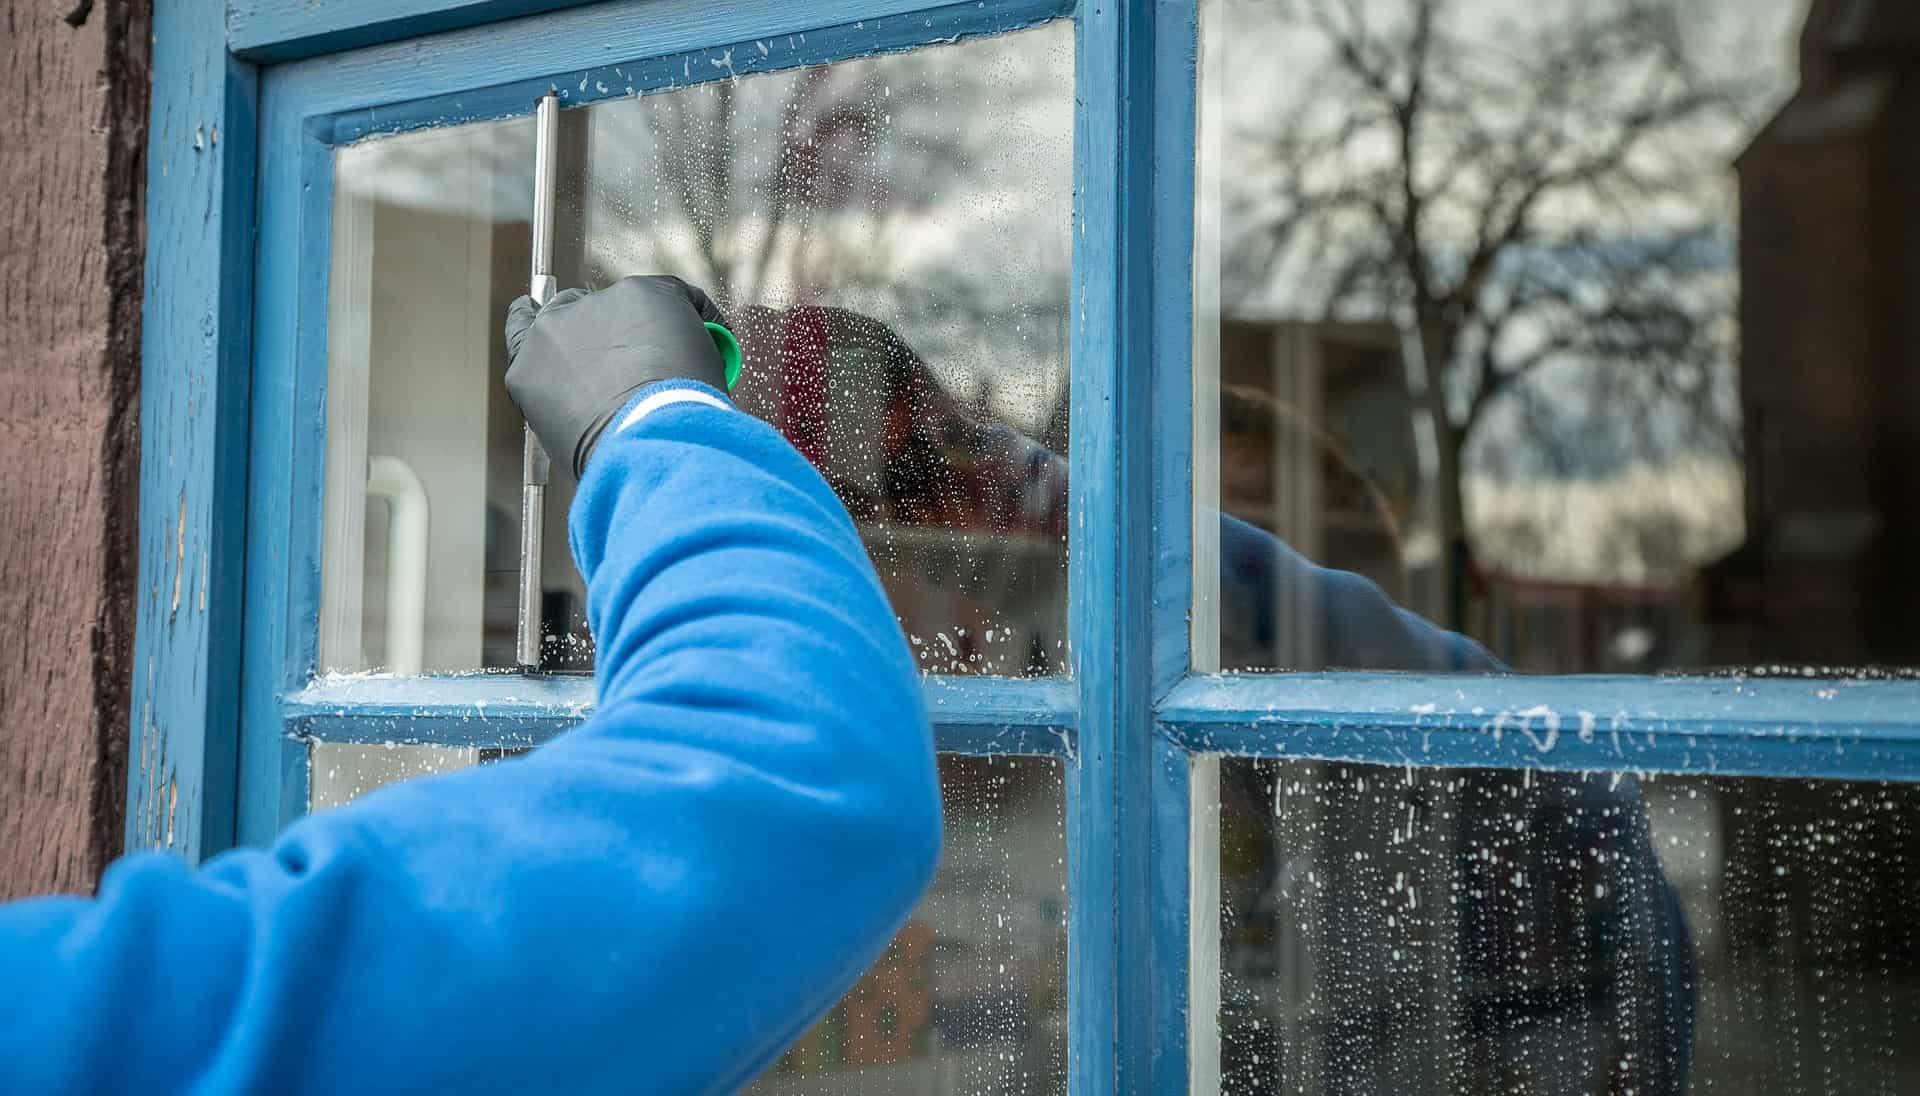 Imagem mostra braço de uma pessoa limpando janela pelo lado externo com auxílio de rodo pequeno.